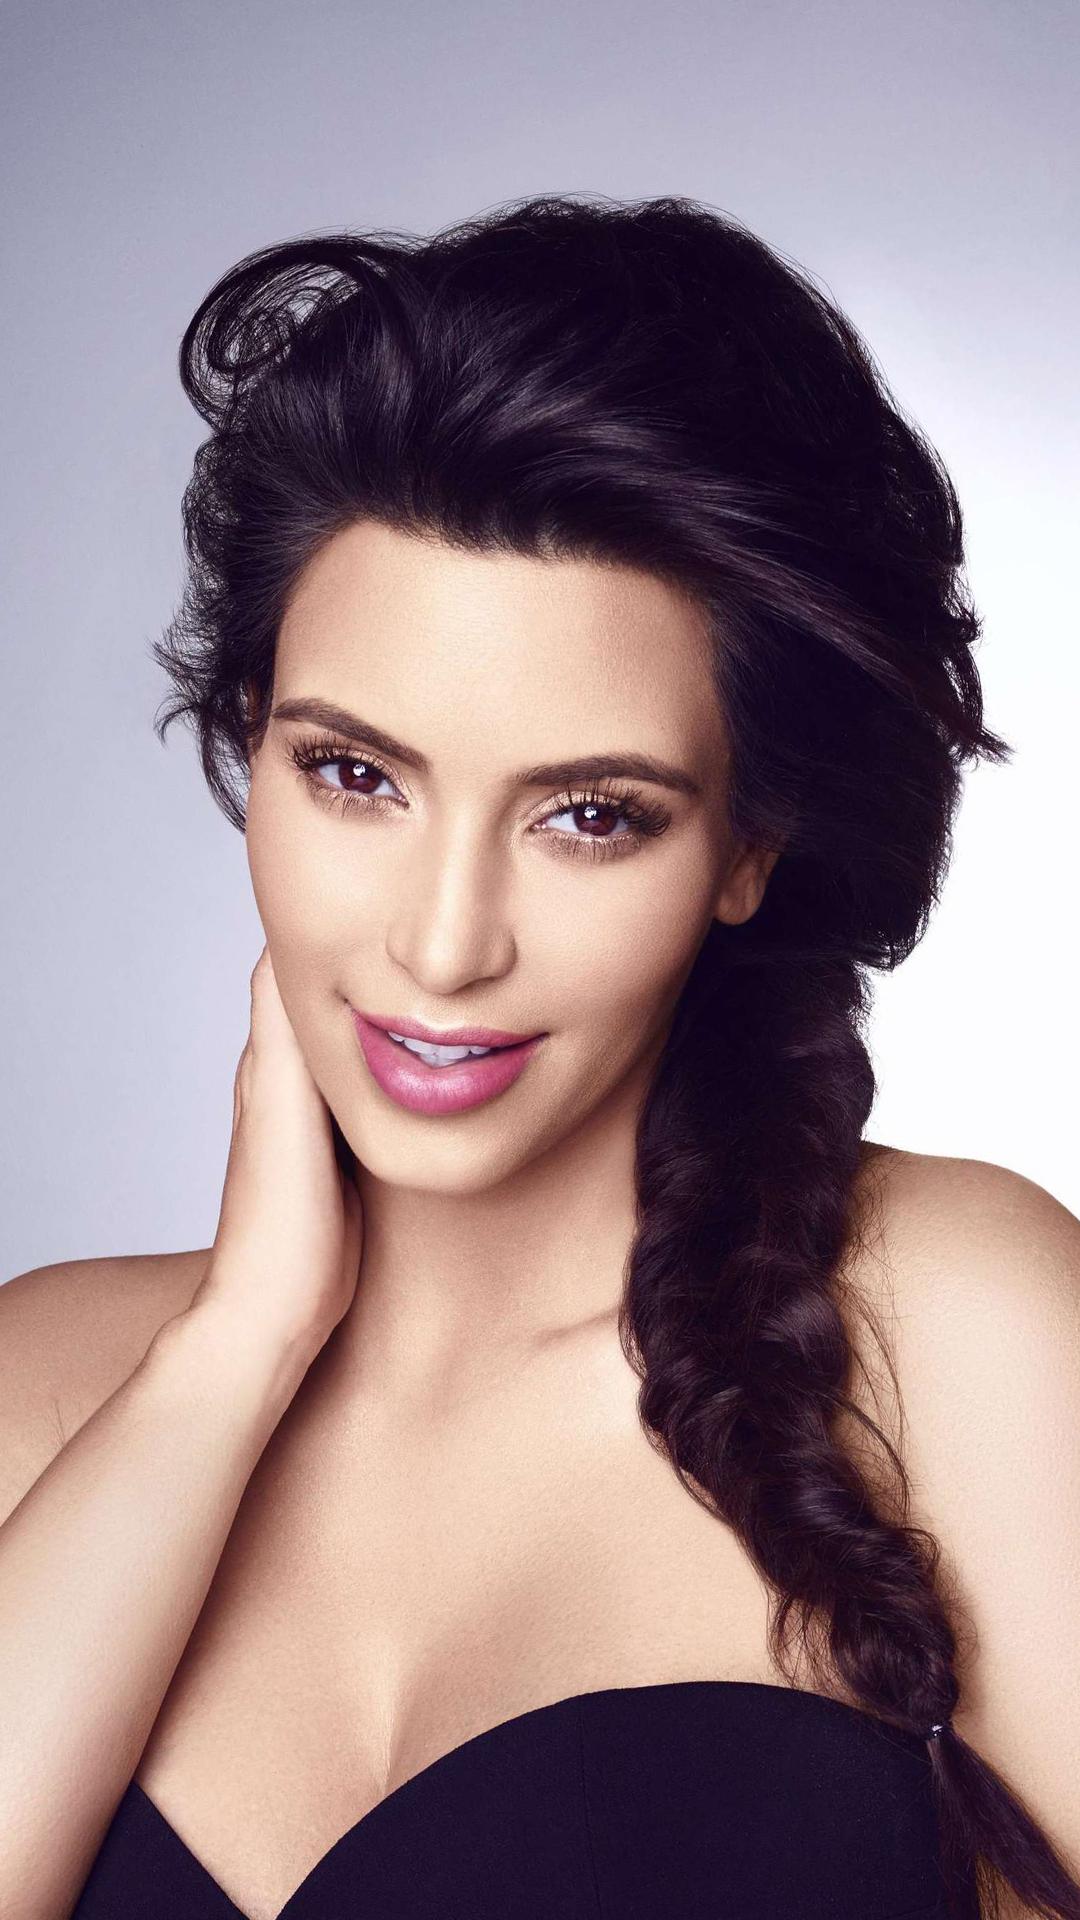 Kim Kardashian Beauty htc one wallpaper